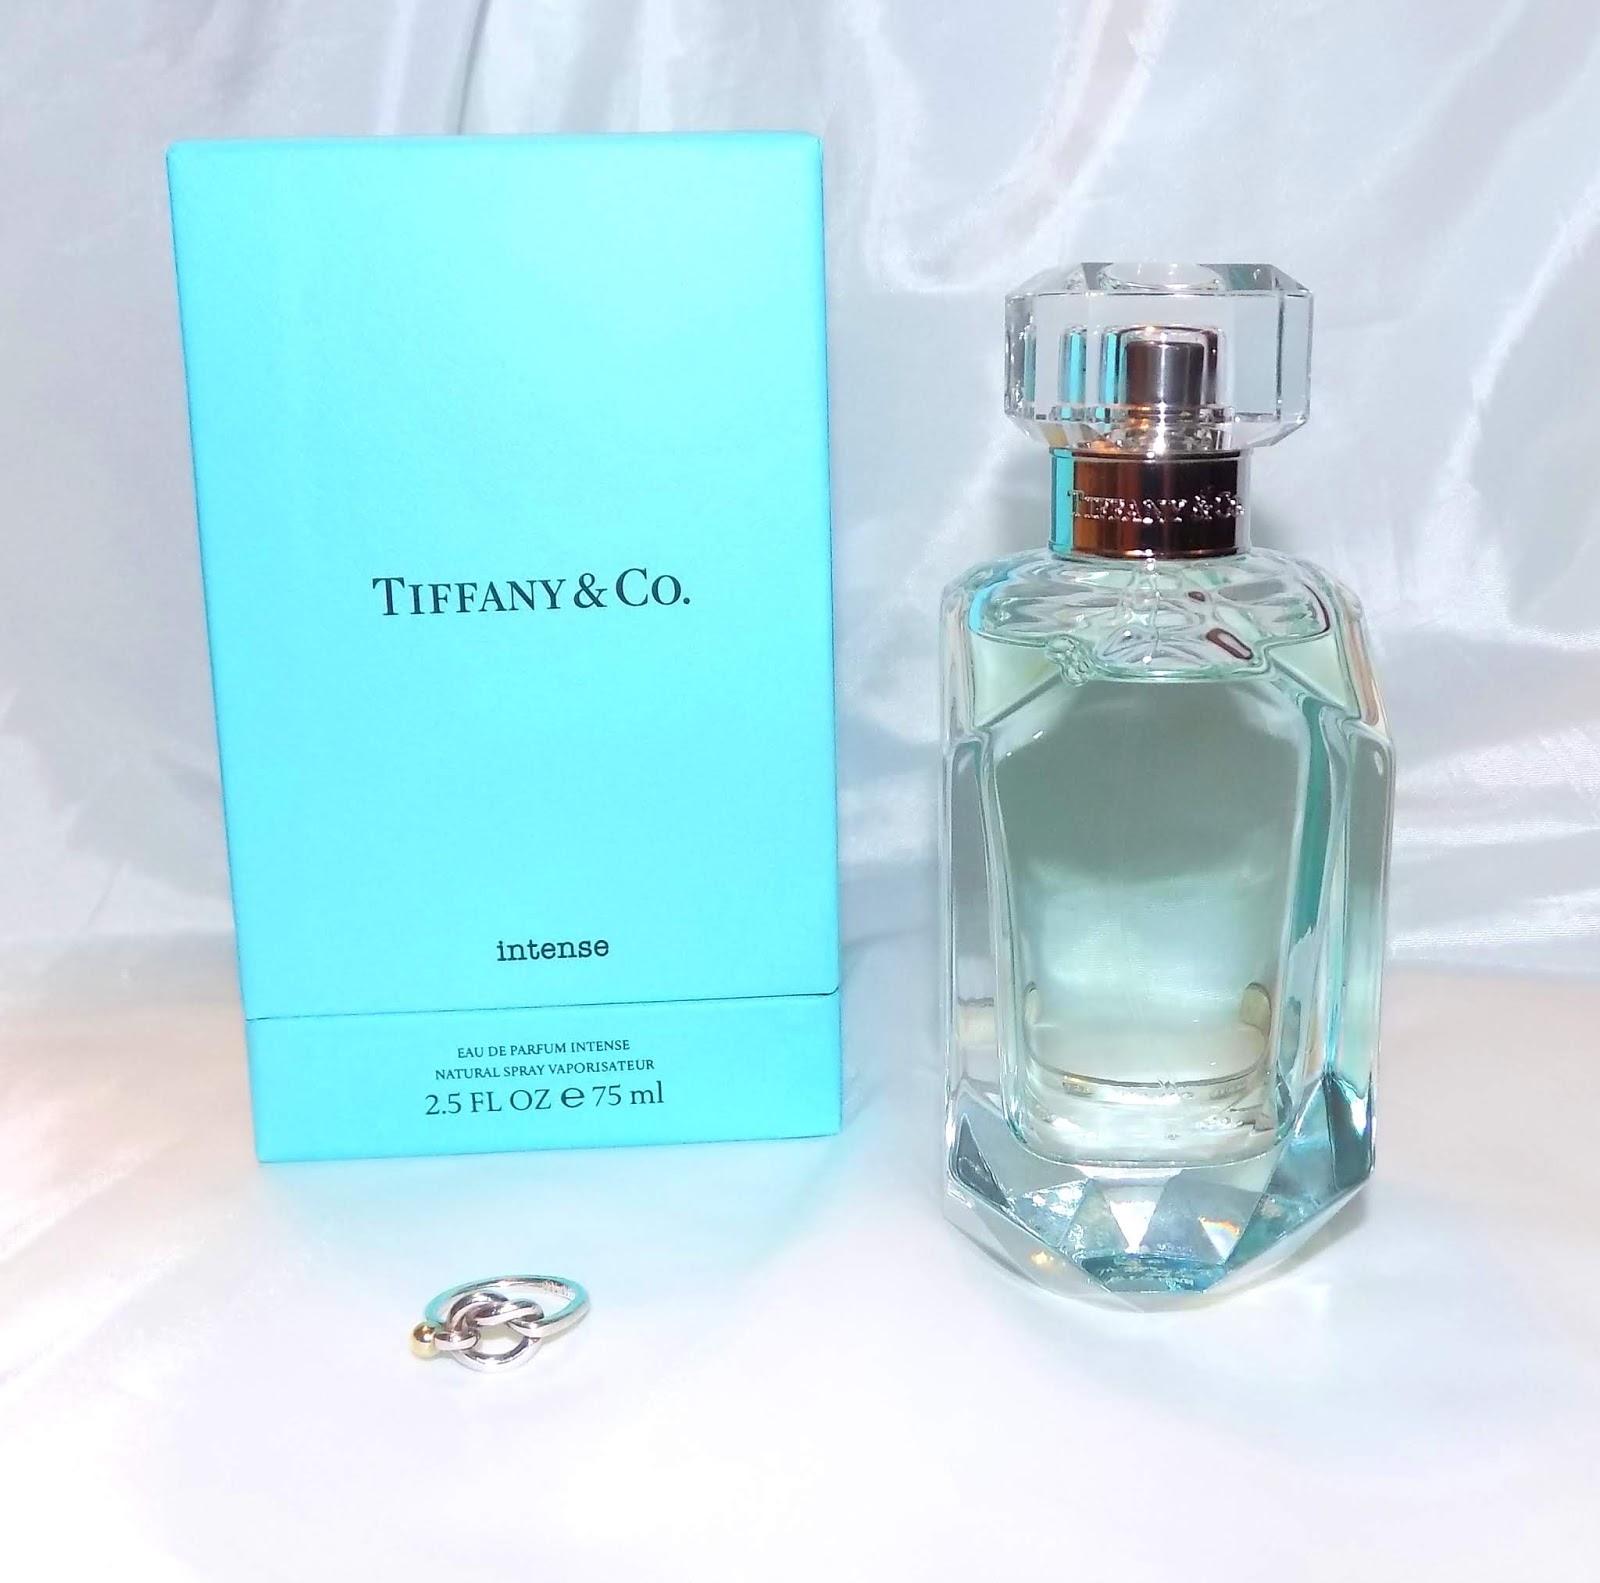 6bc4cb030e5 The Beauty Alchemist: Tiffany & Co Eau de Parfum Intense